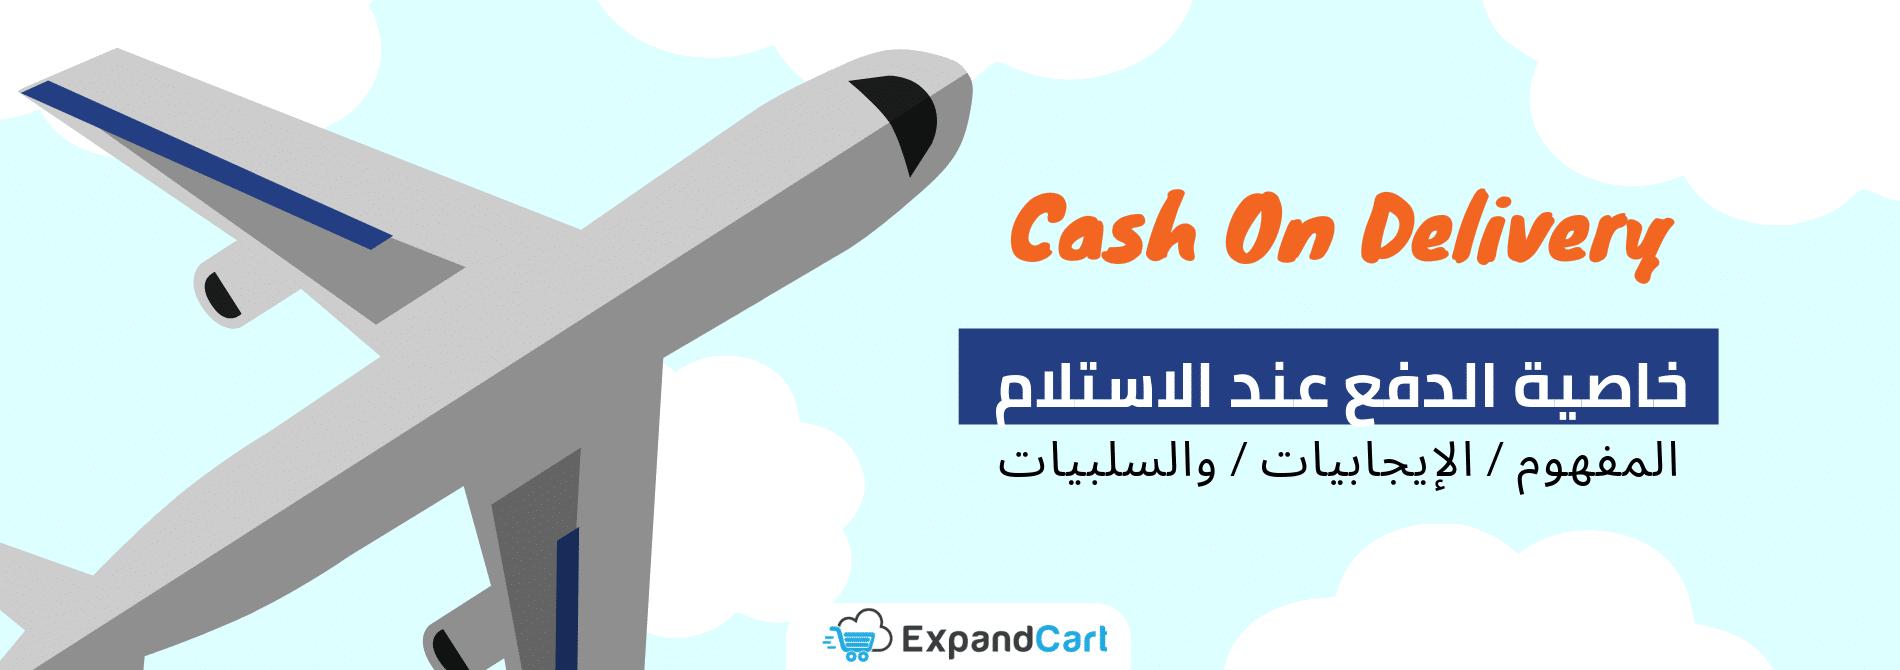 خاصية الدفع عند الاستلام Cash On Delivery